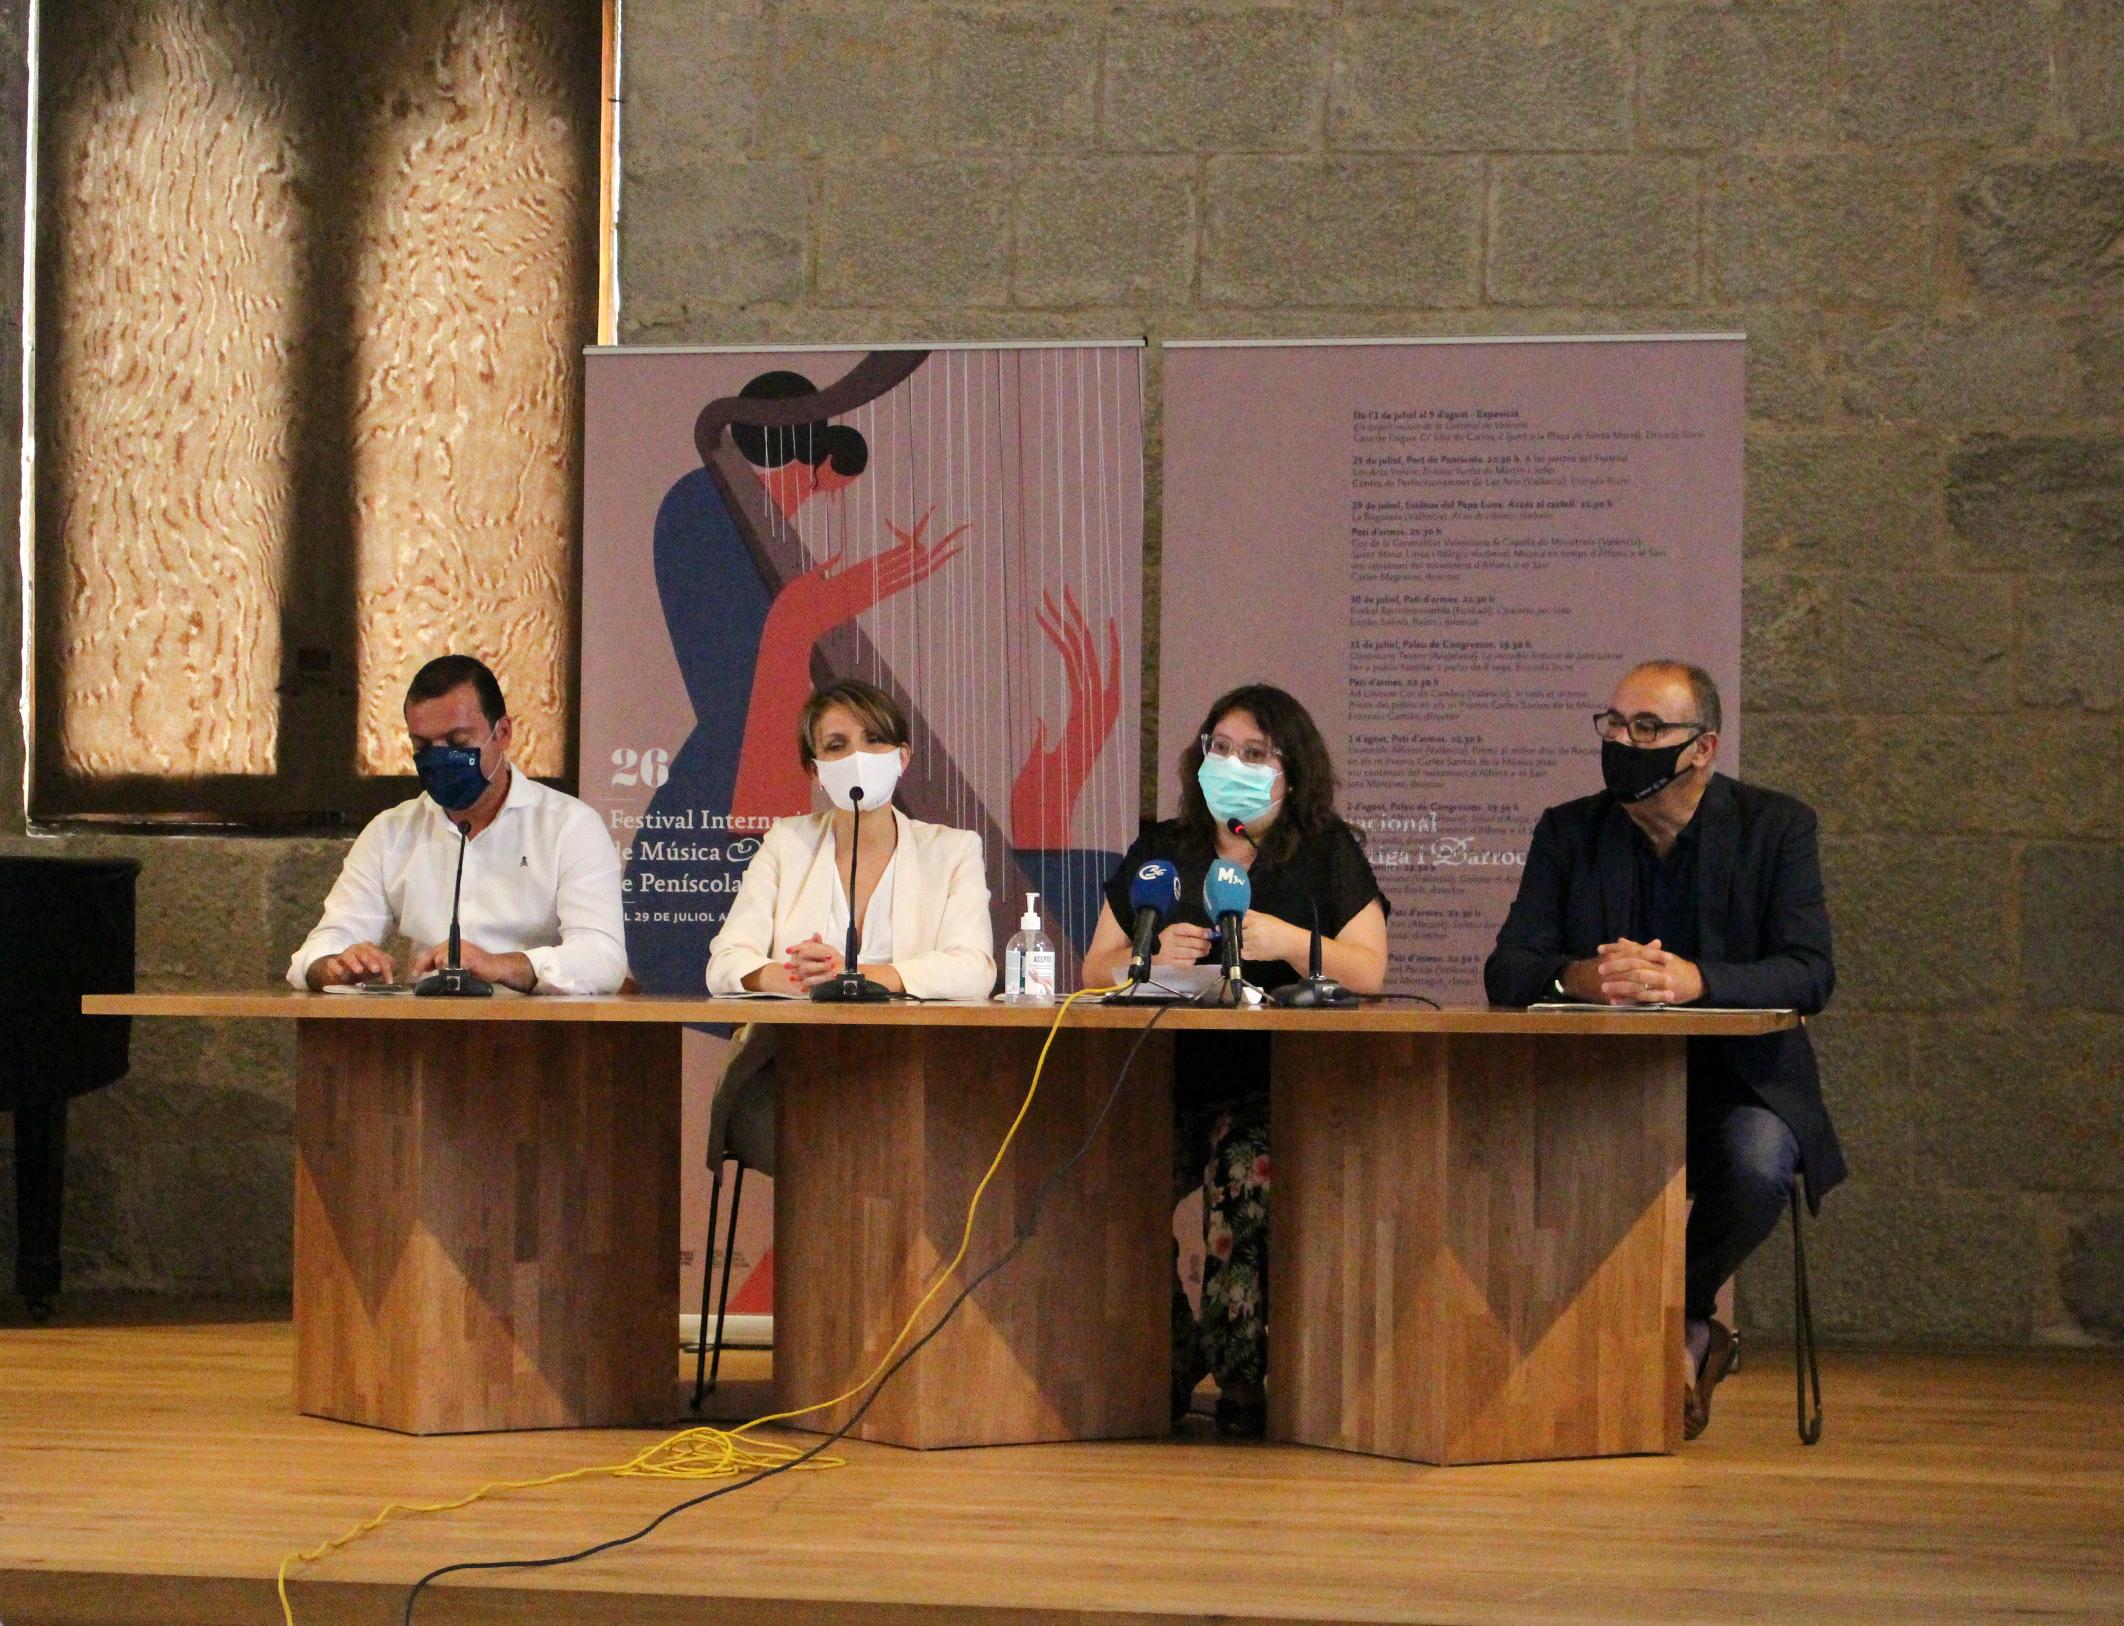 La Diputación impulsa la proyección internacional del Festival de Música Antigua y Barroca de Peñíscola con 70.000 euros